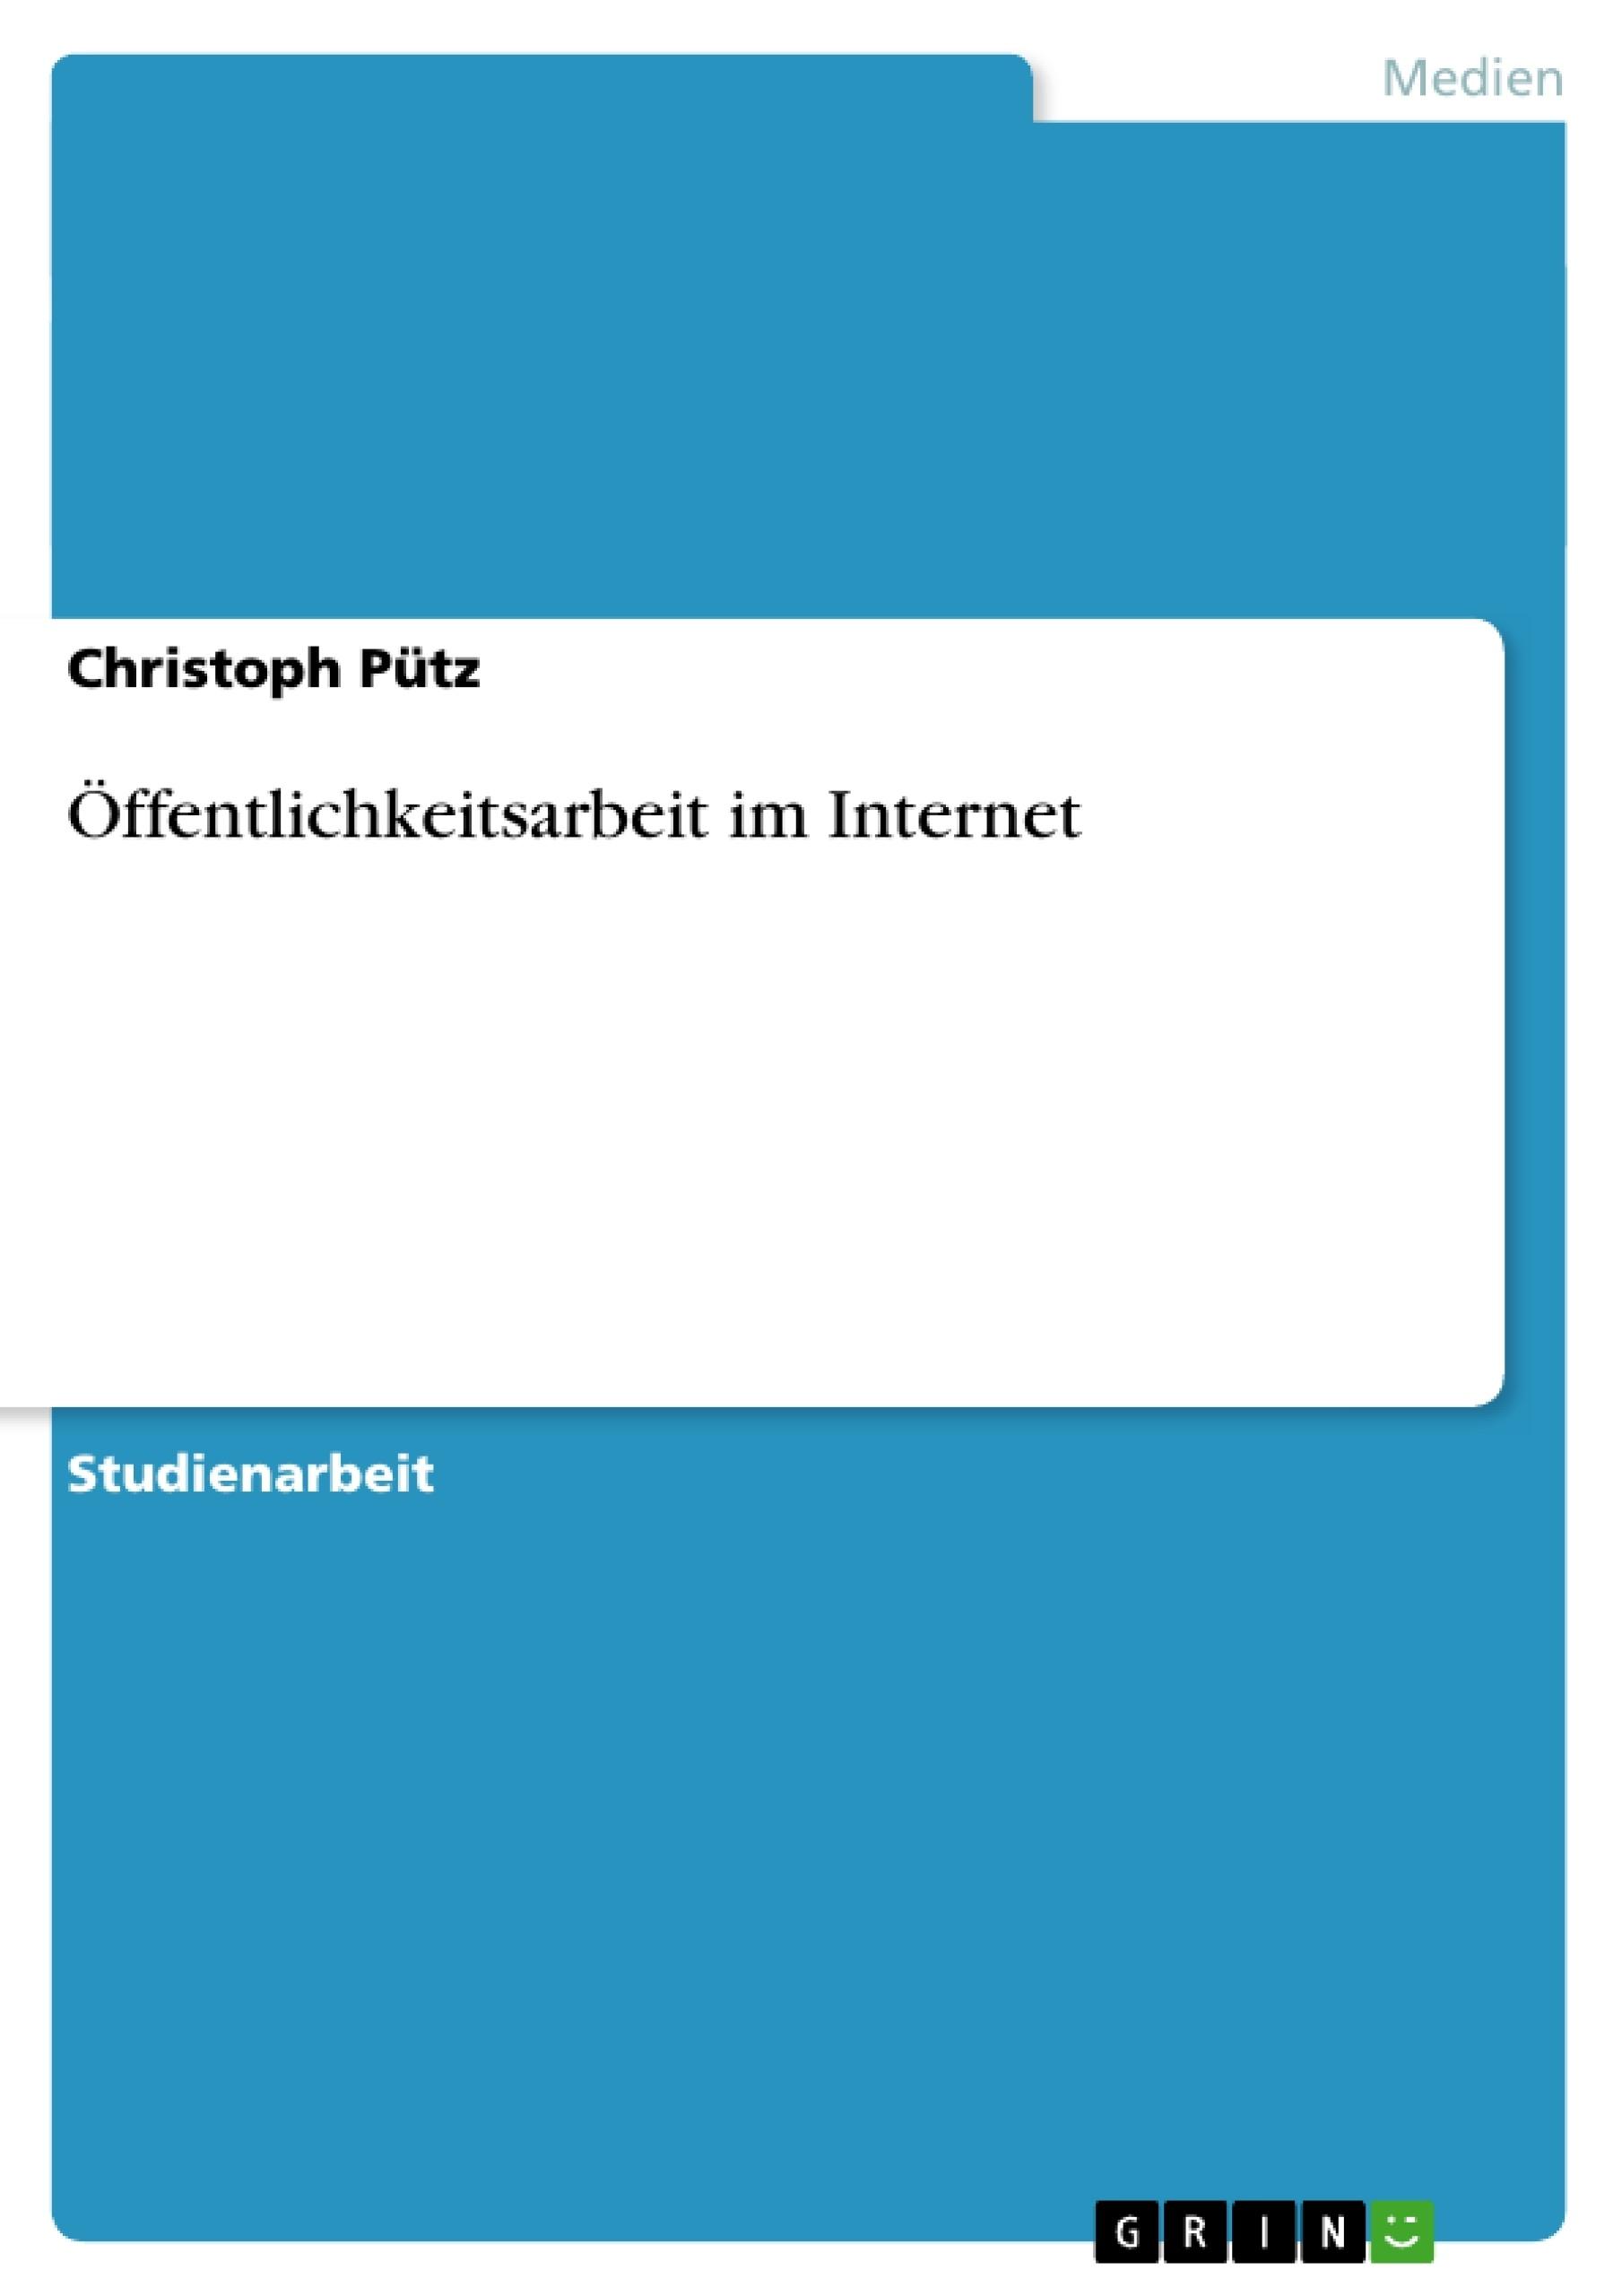 Titel: Öffentlichkeitsarbeit im Internet